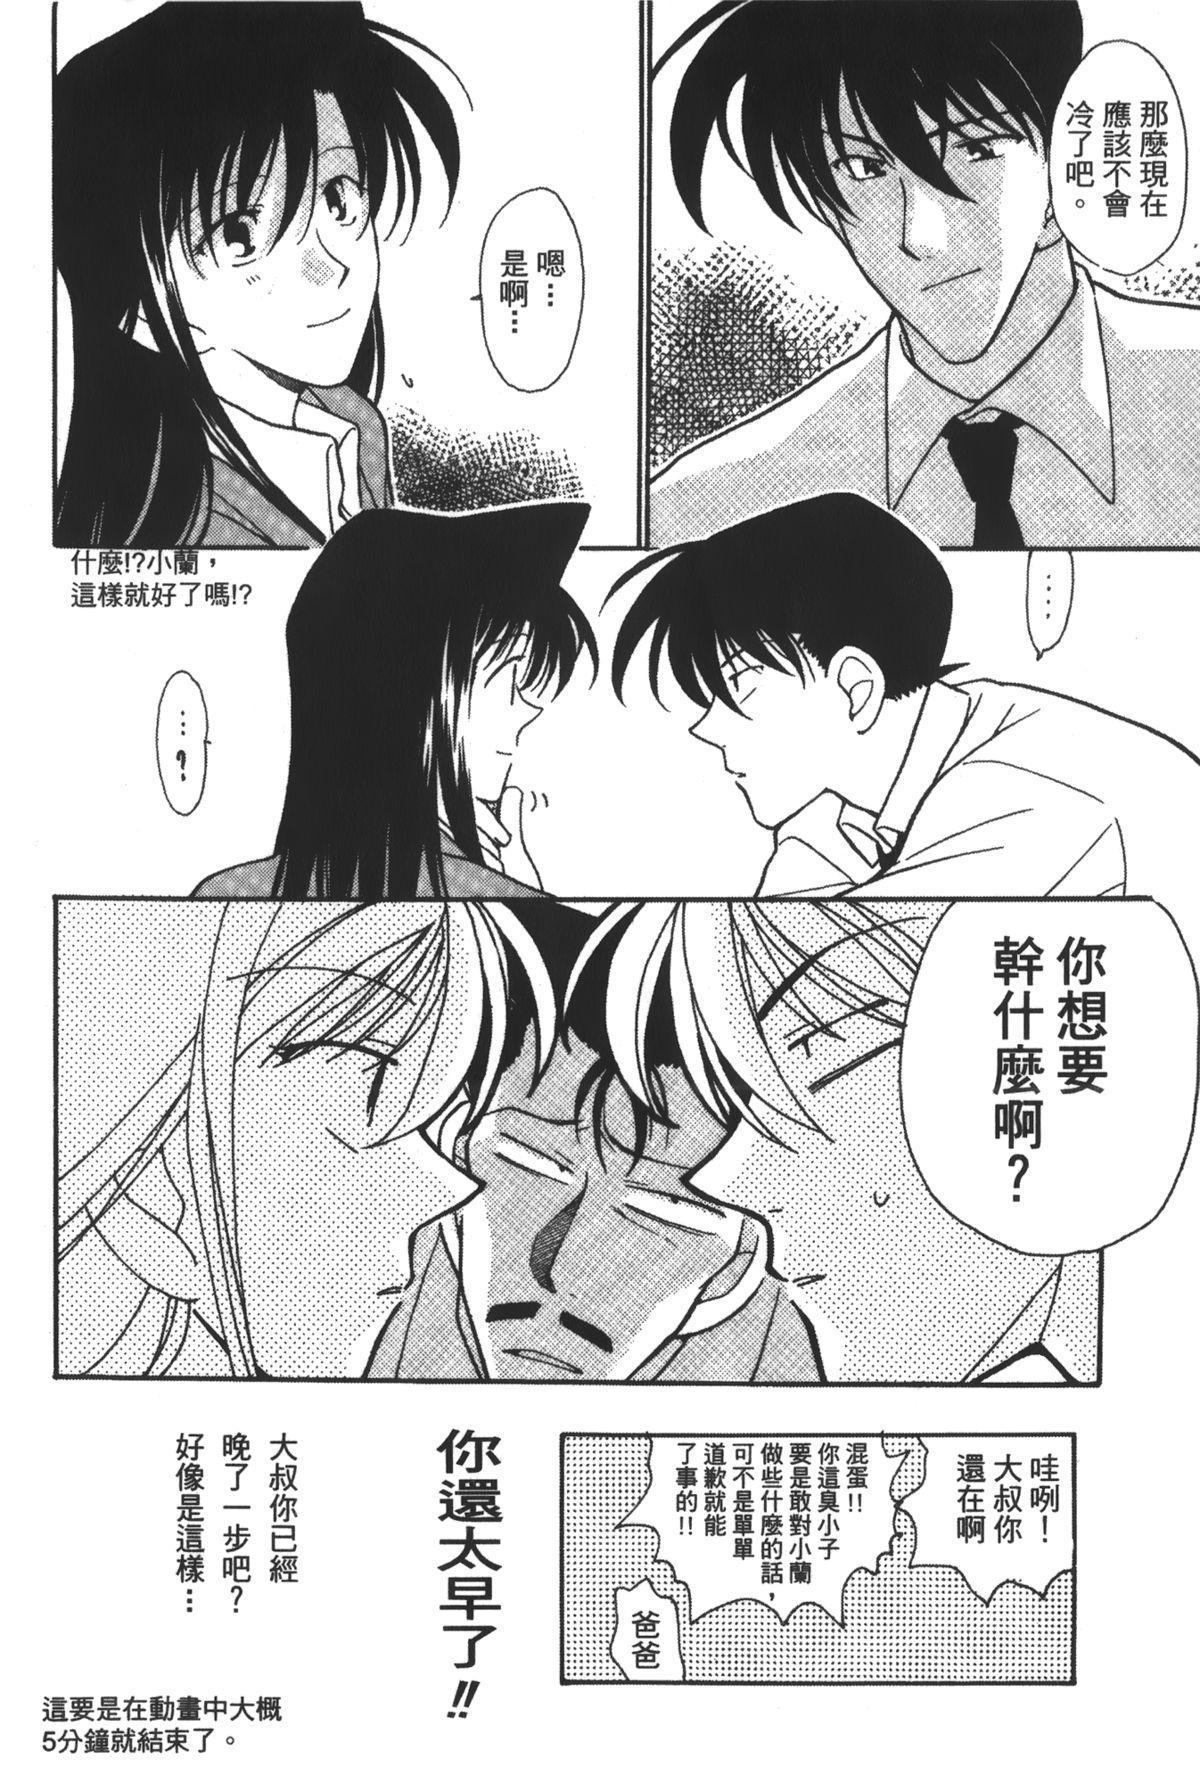 Detective Assistant Vol. 14 20